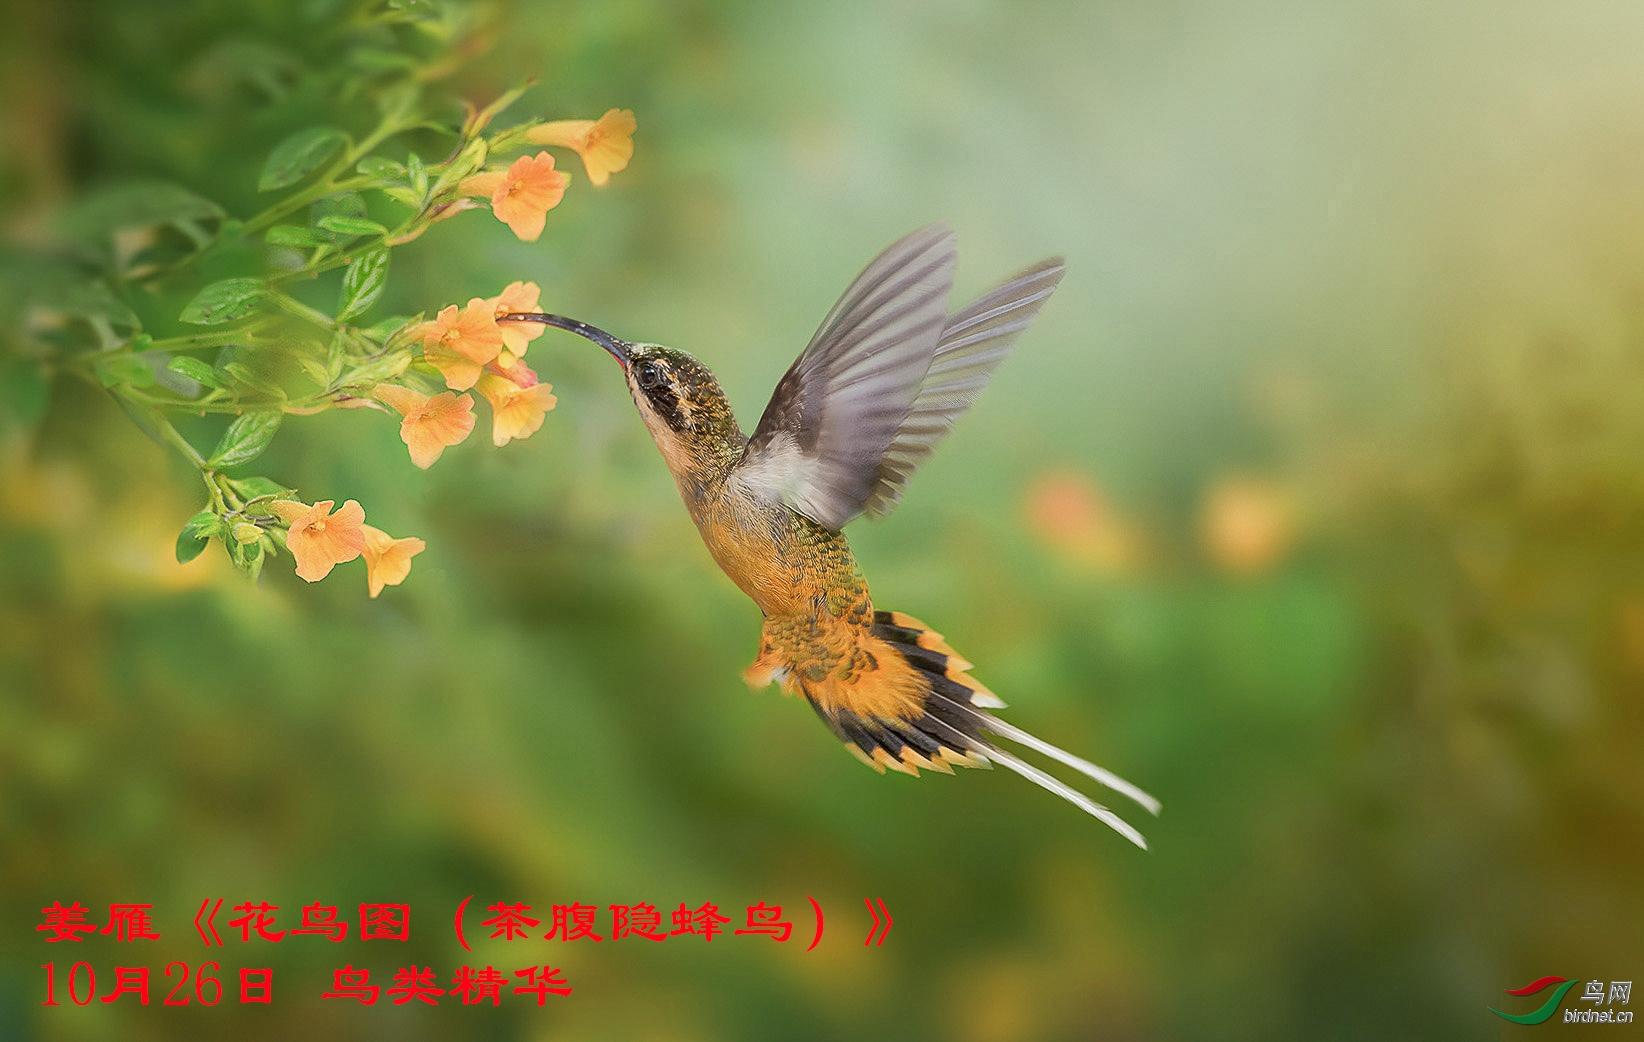 10-26姜雁鸟类精华《花鸟图(茶腹隐蜂鸟)》.jpg